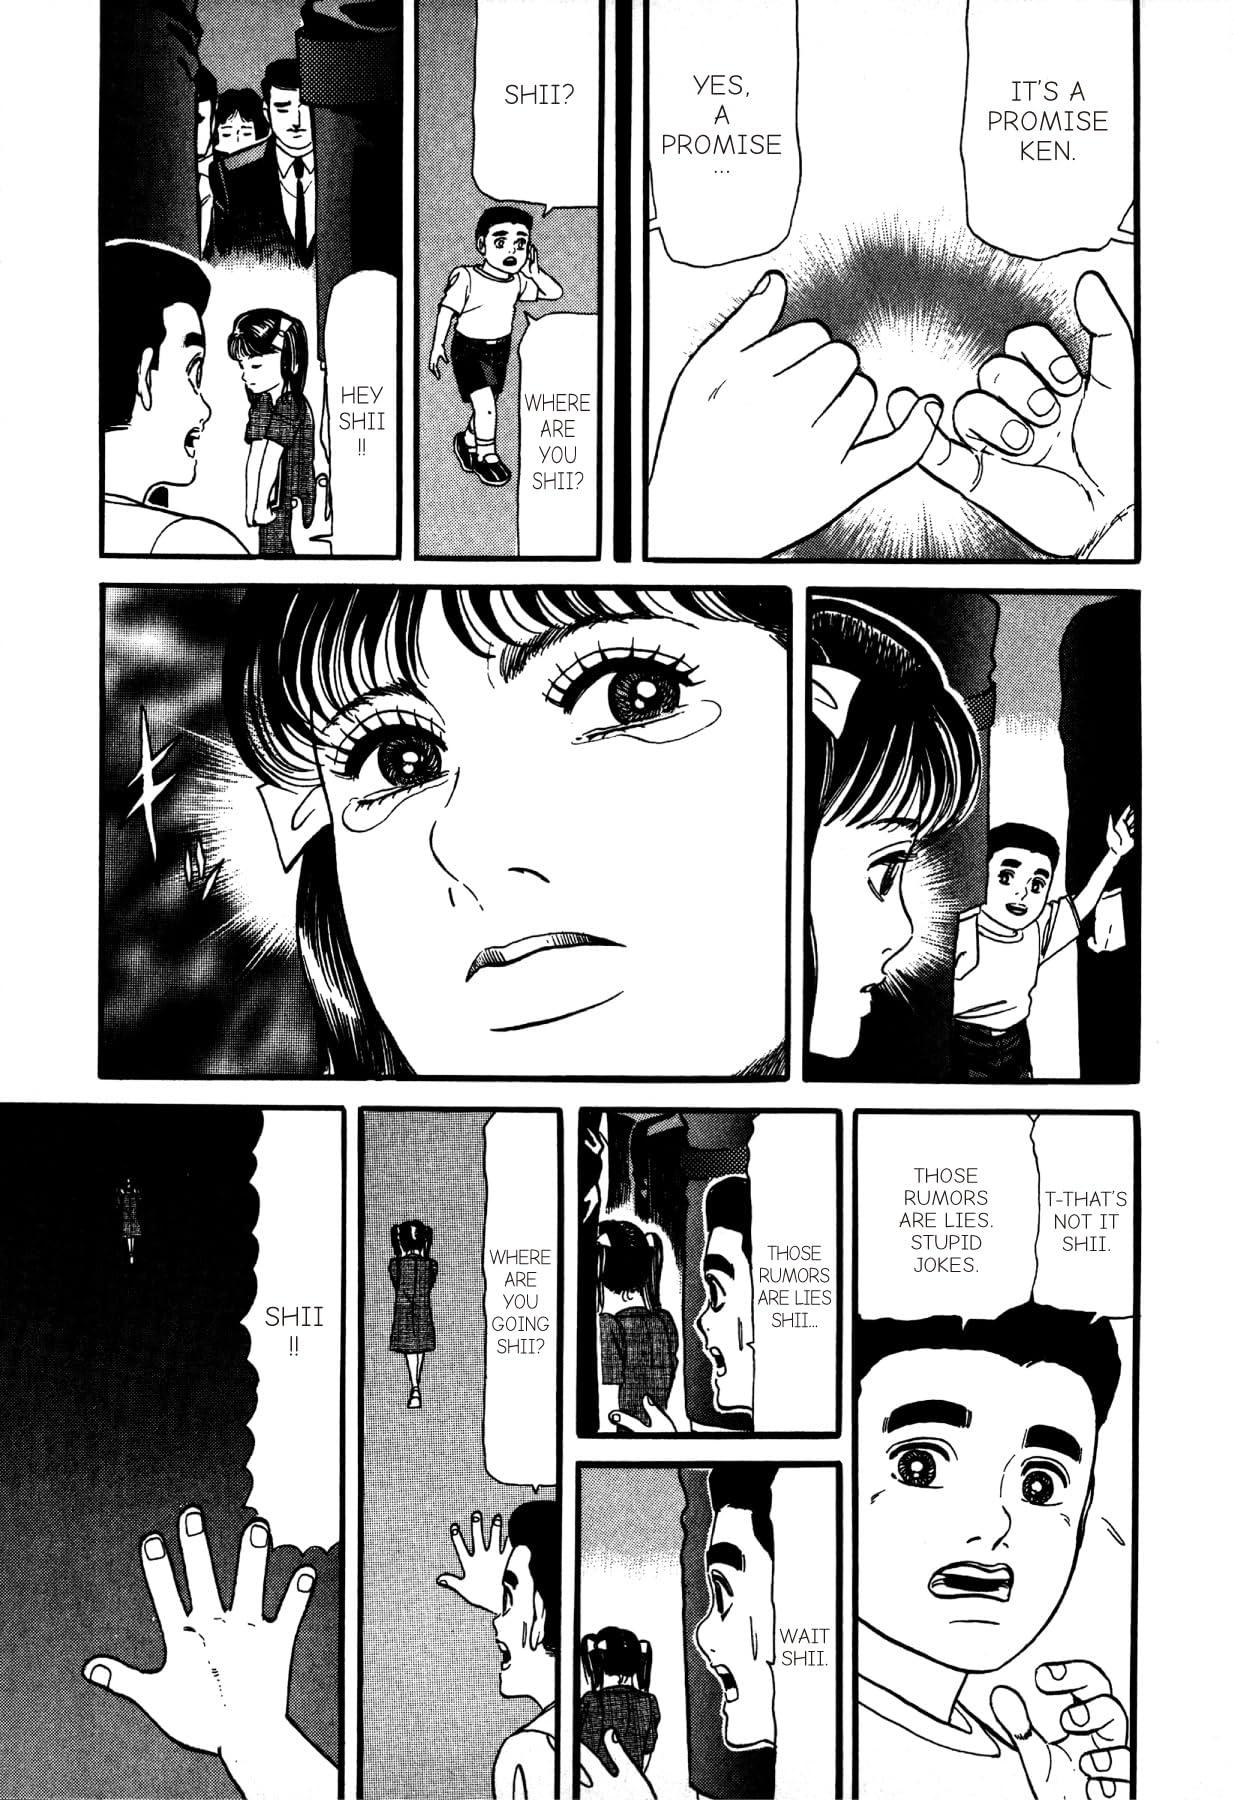 THE SPLENDID DAYS OF QUEEN RURIKO #25